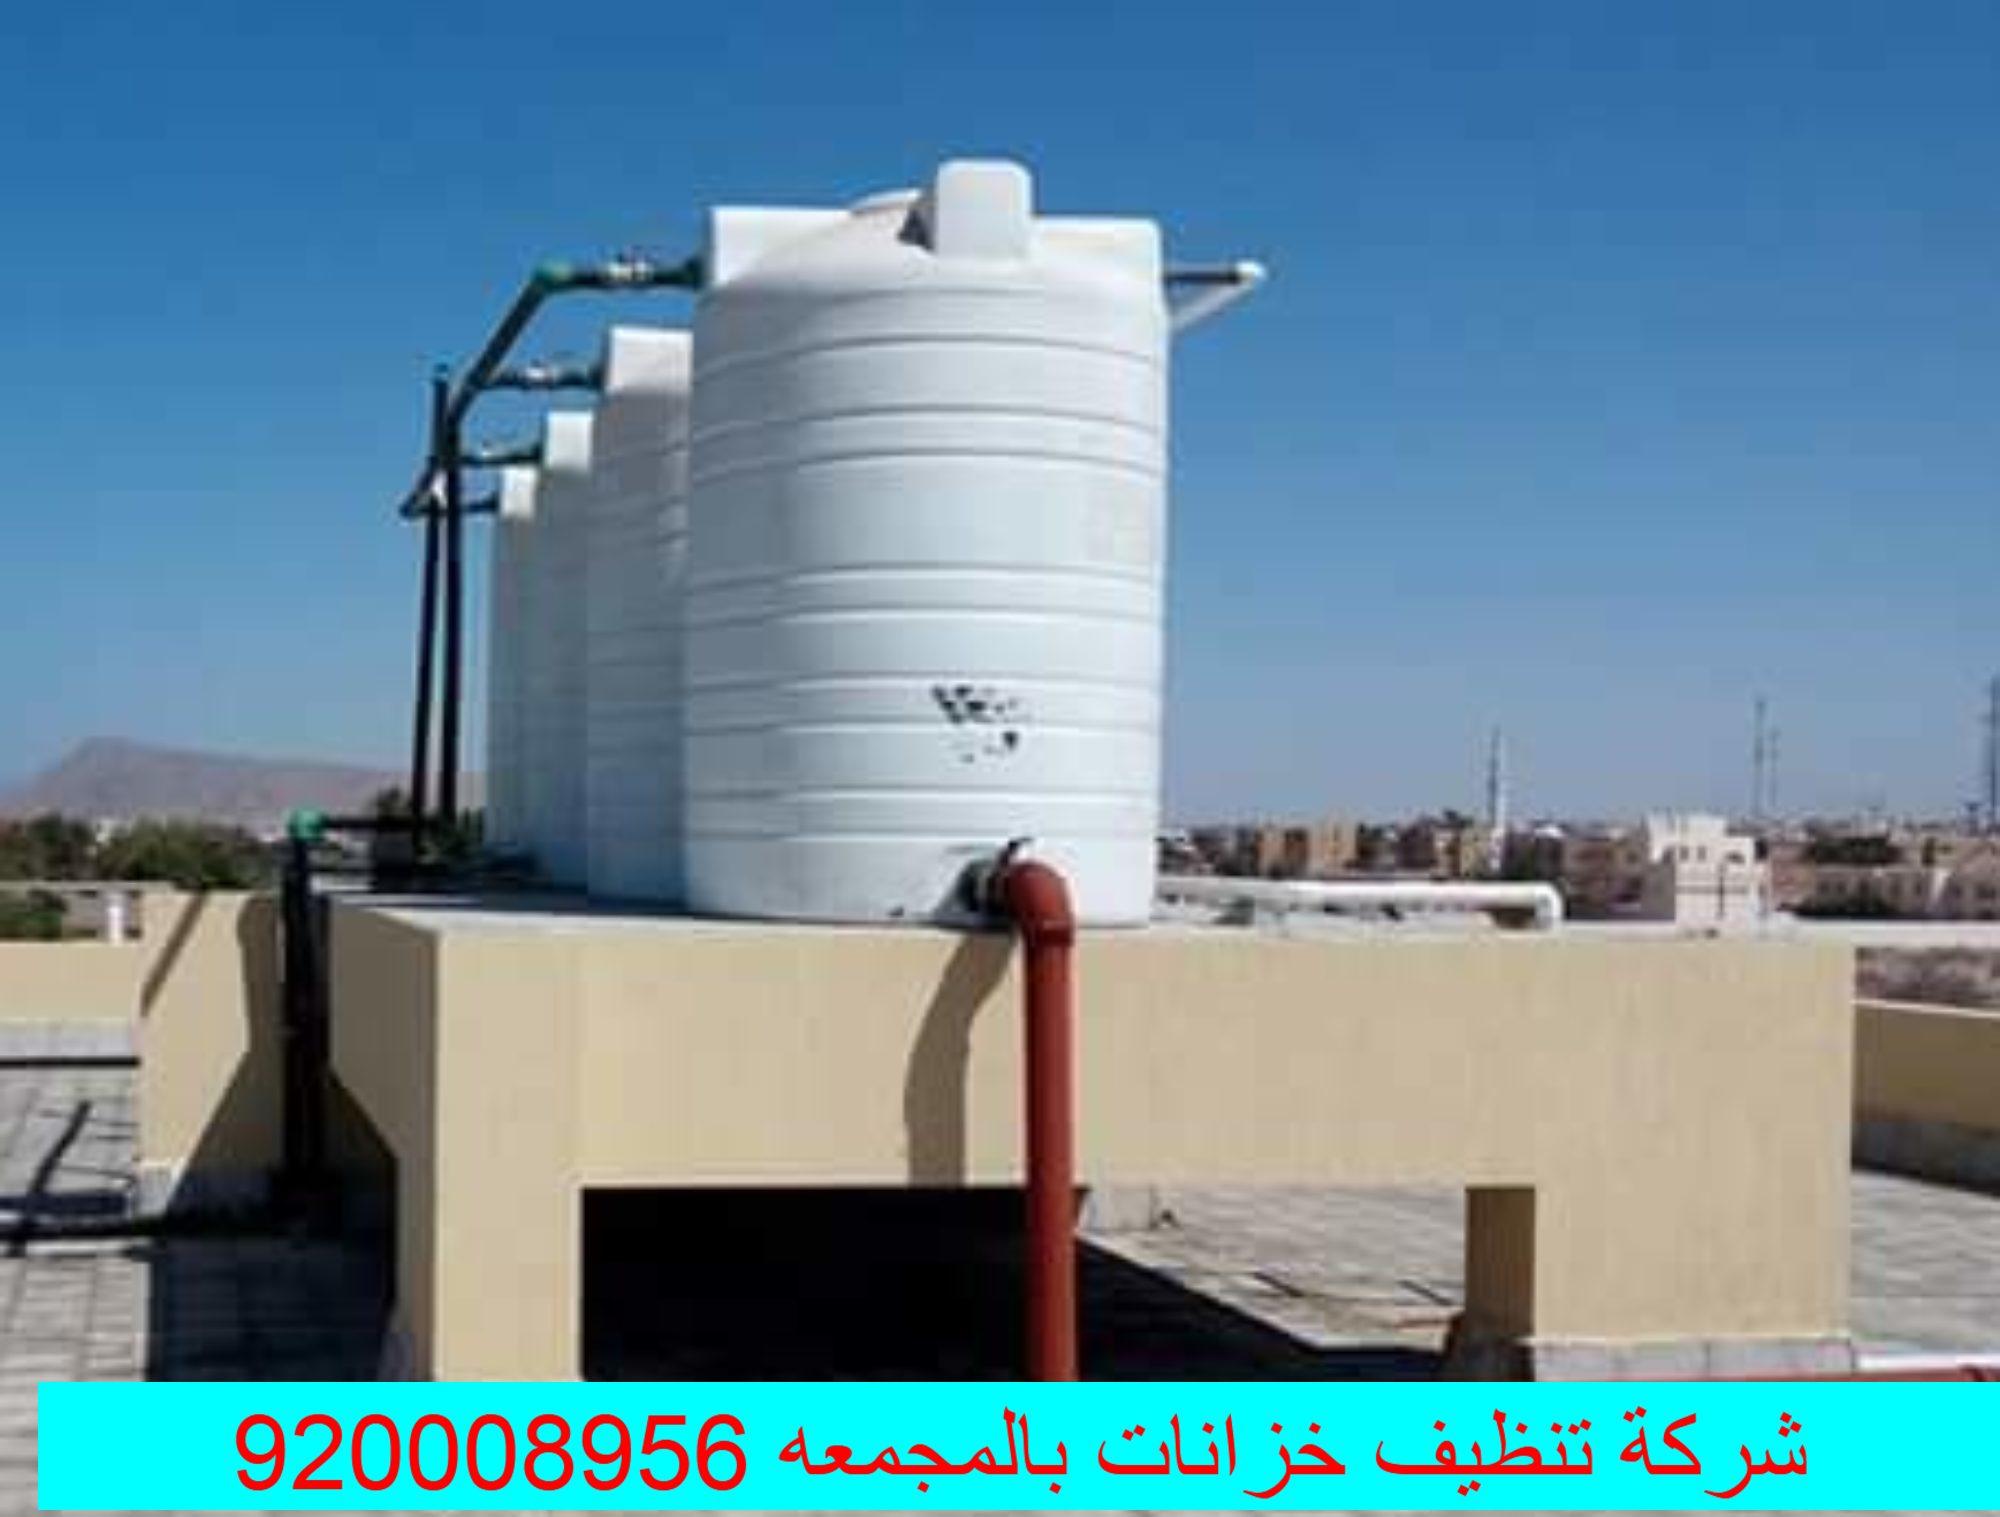 شركة تنظيف خزانات بالمجمعه 920008956